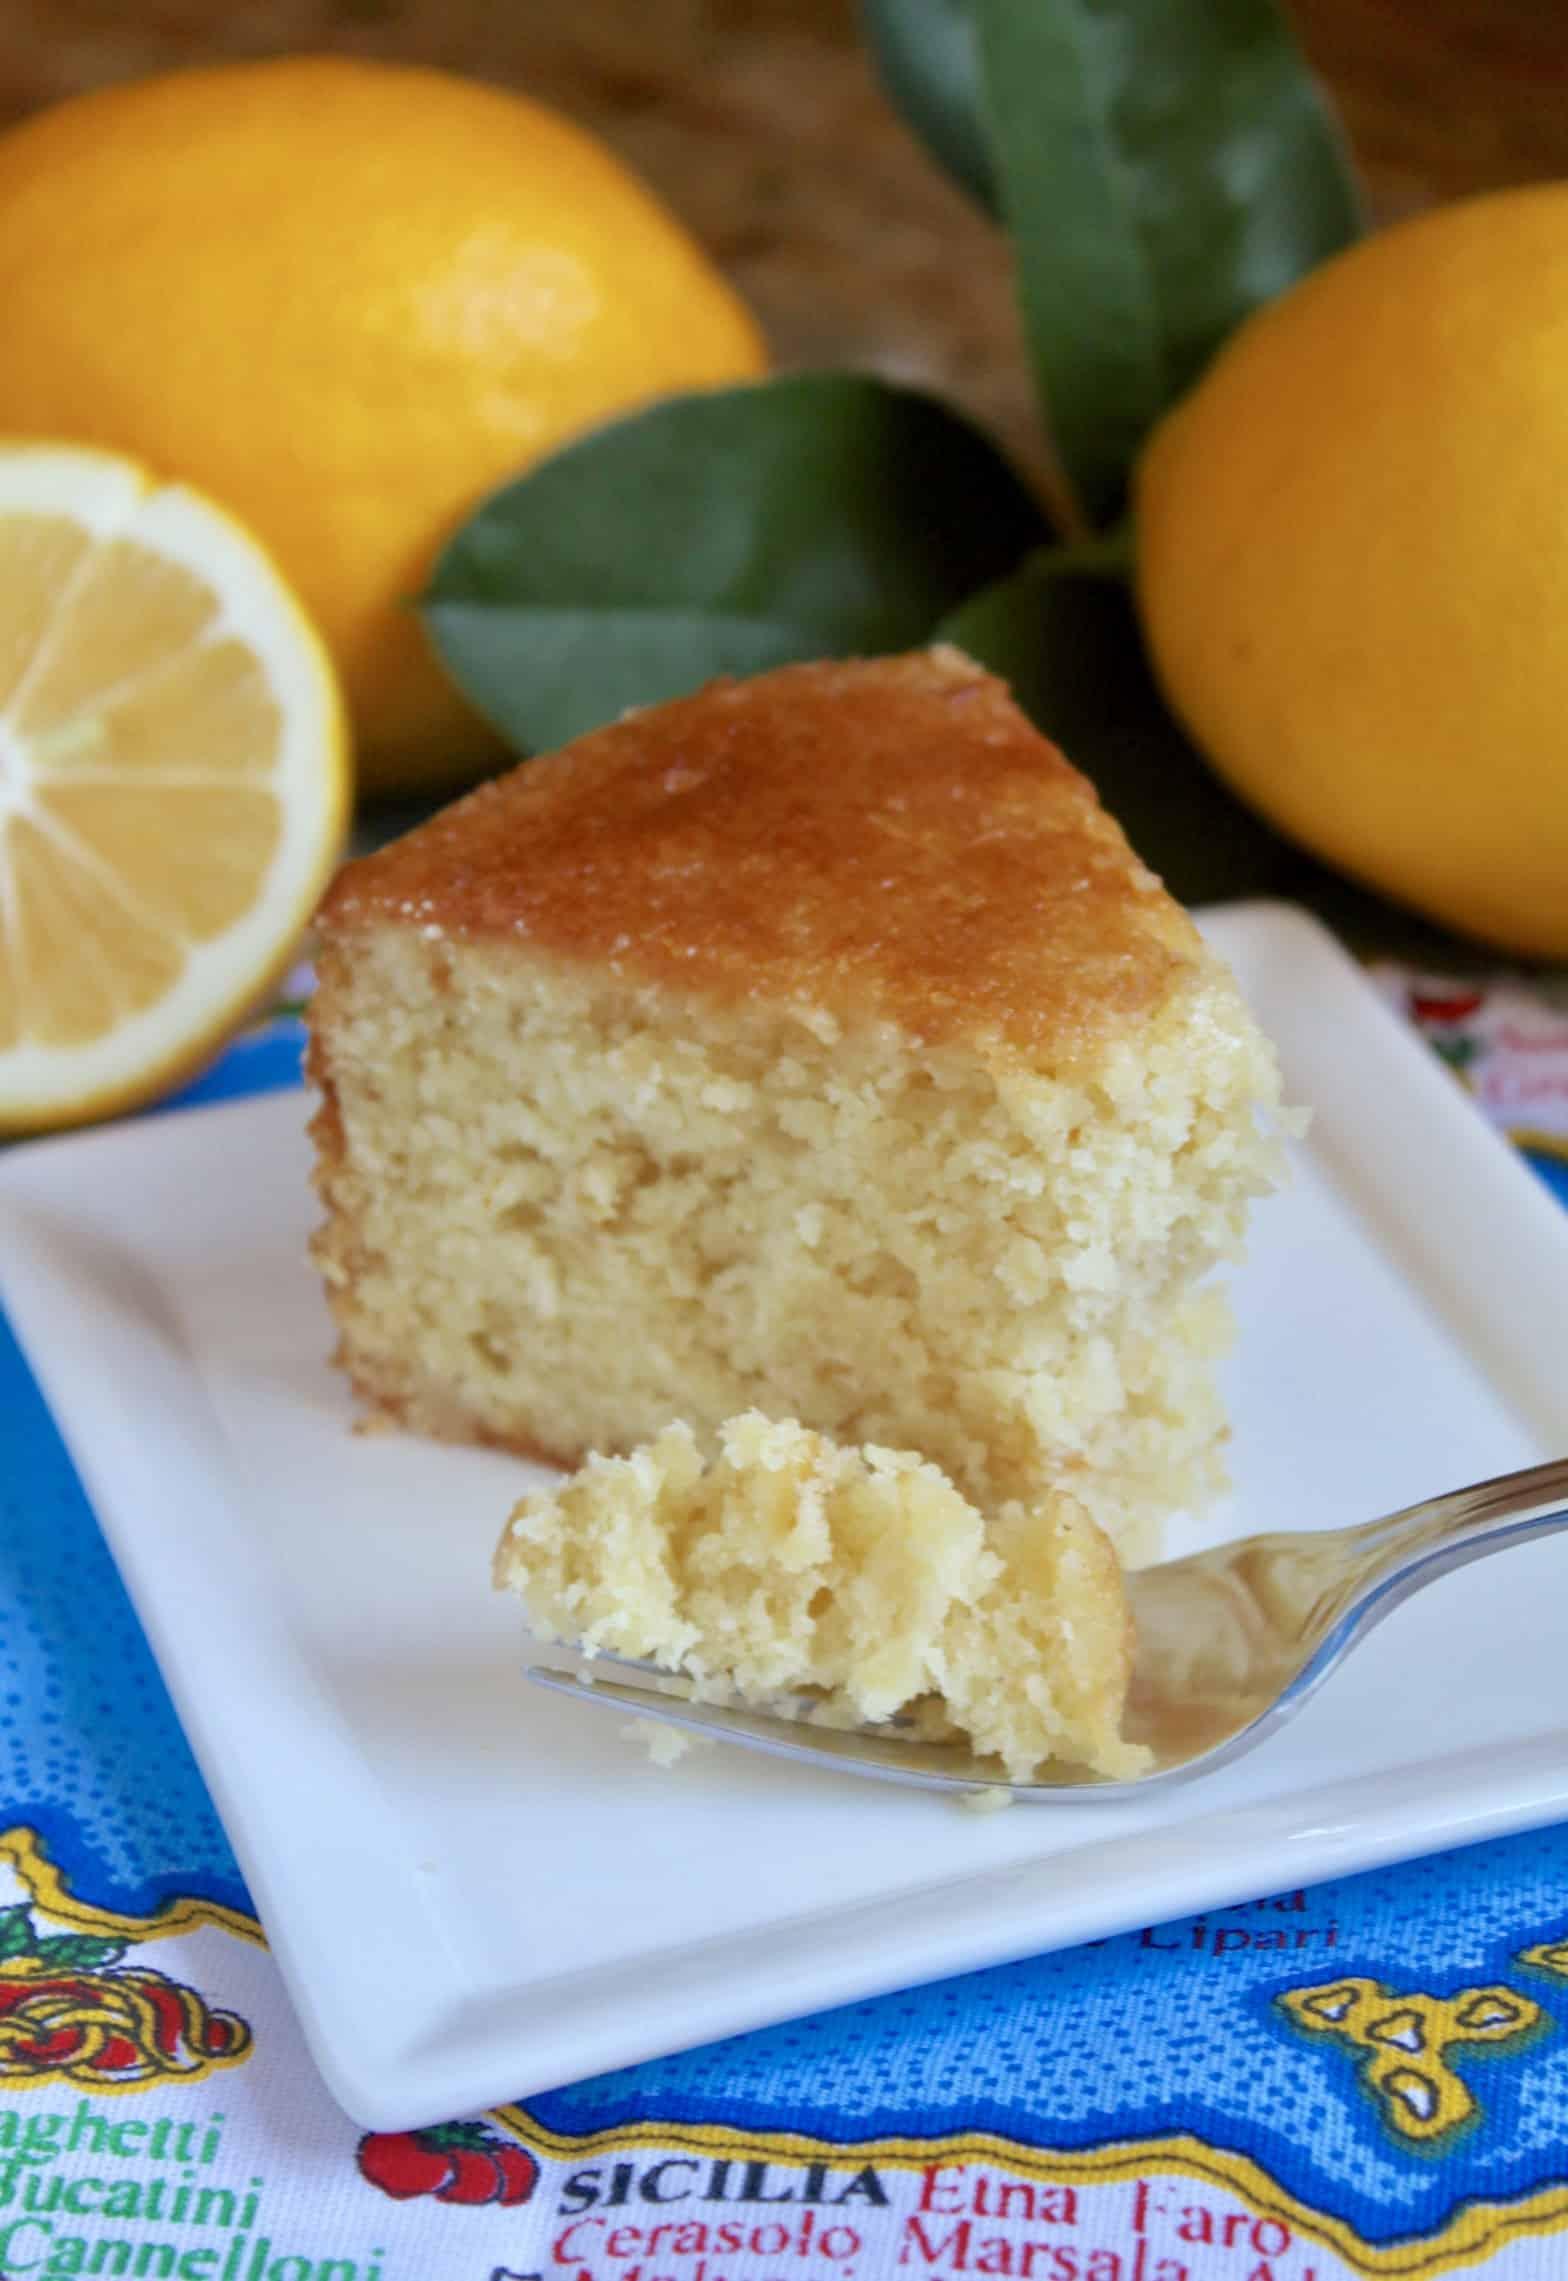 Sicilian whole lemon cake